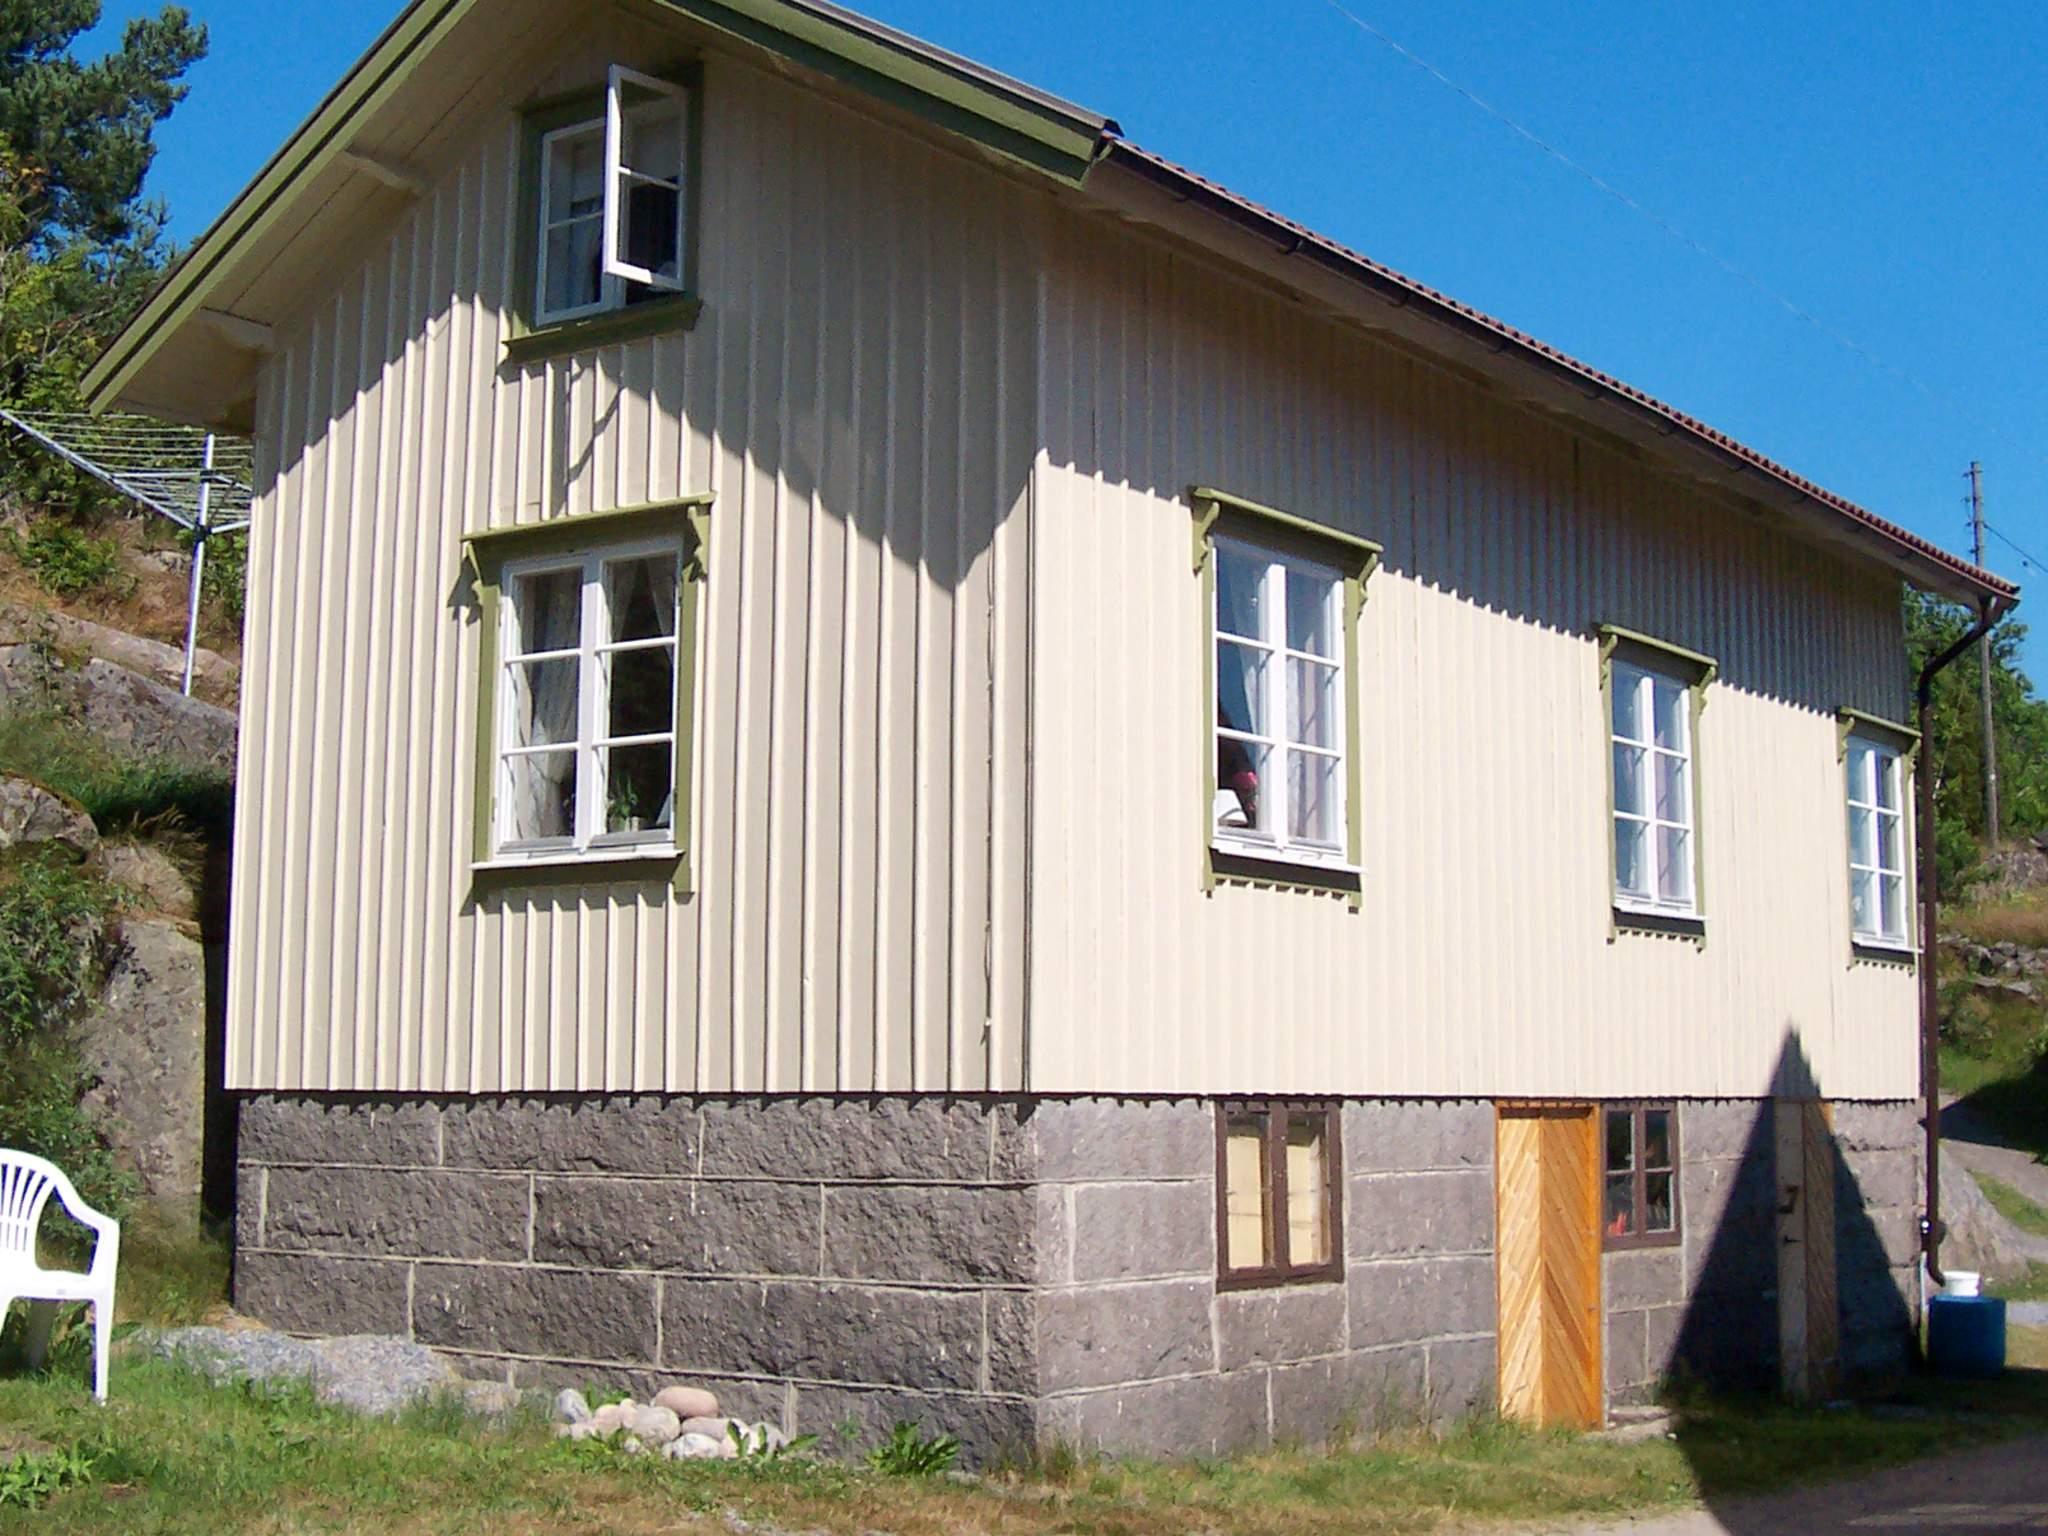 Ferienhaus Rished (124439), Kungshamn, Västra Götaland län, Westschweden, Schweden, Bild 11